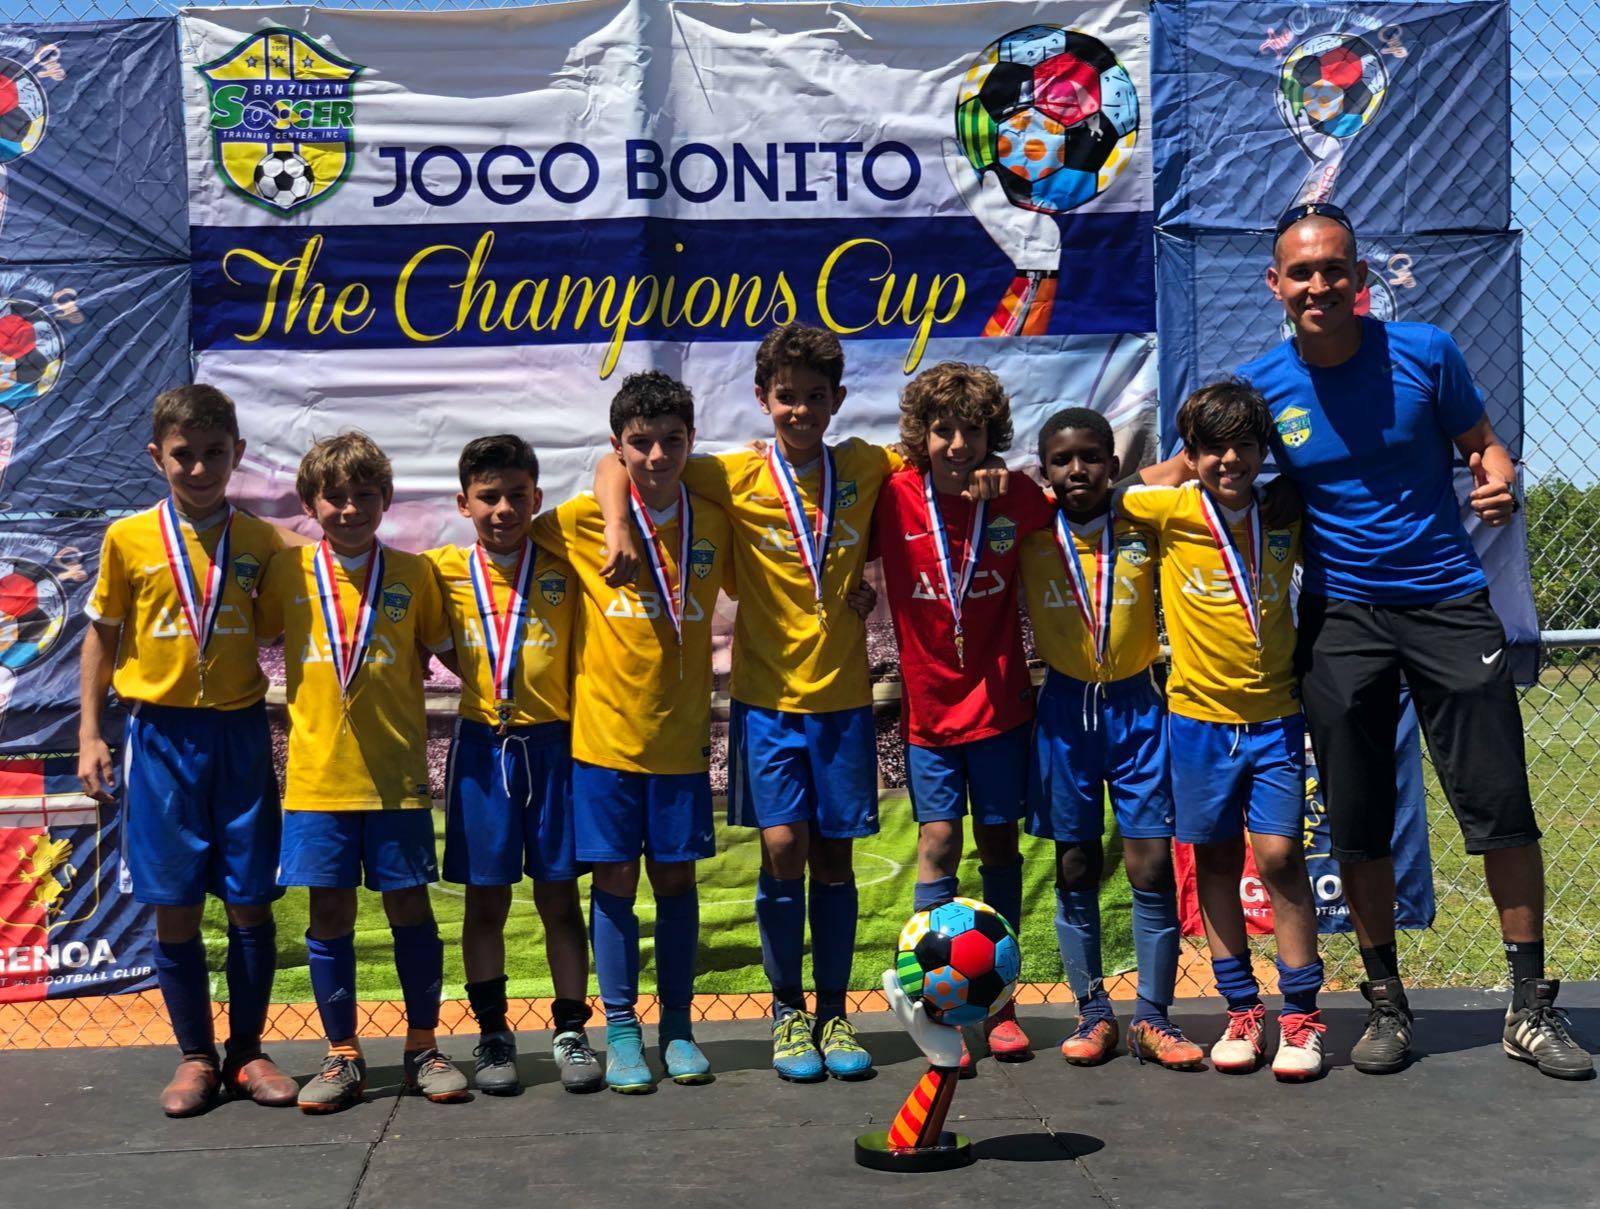 Jogo Bonito Champions U10